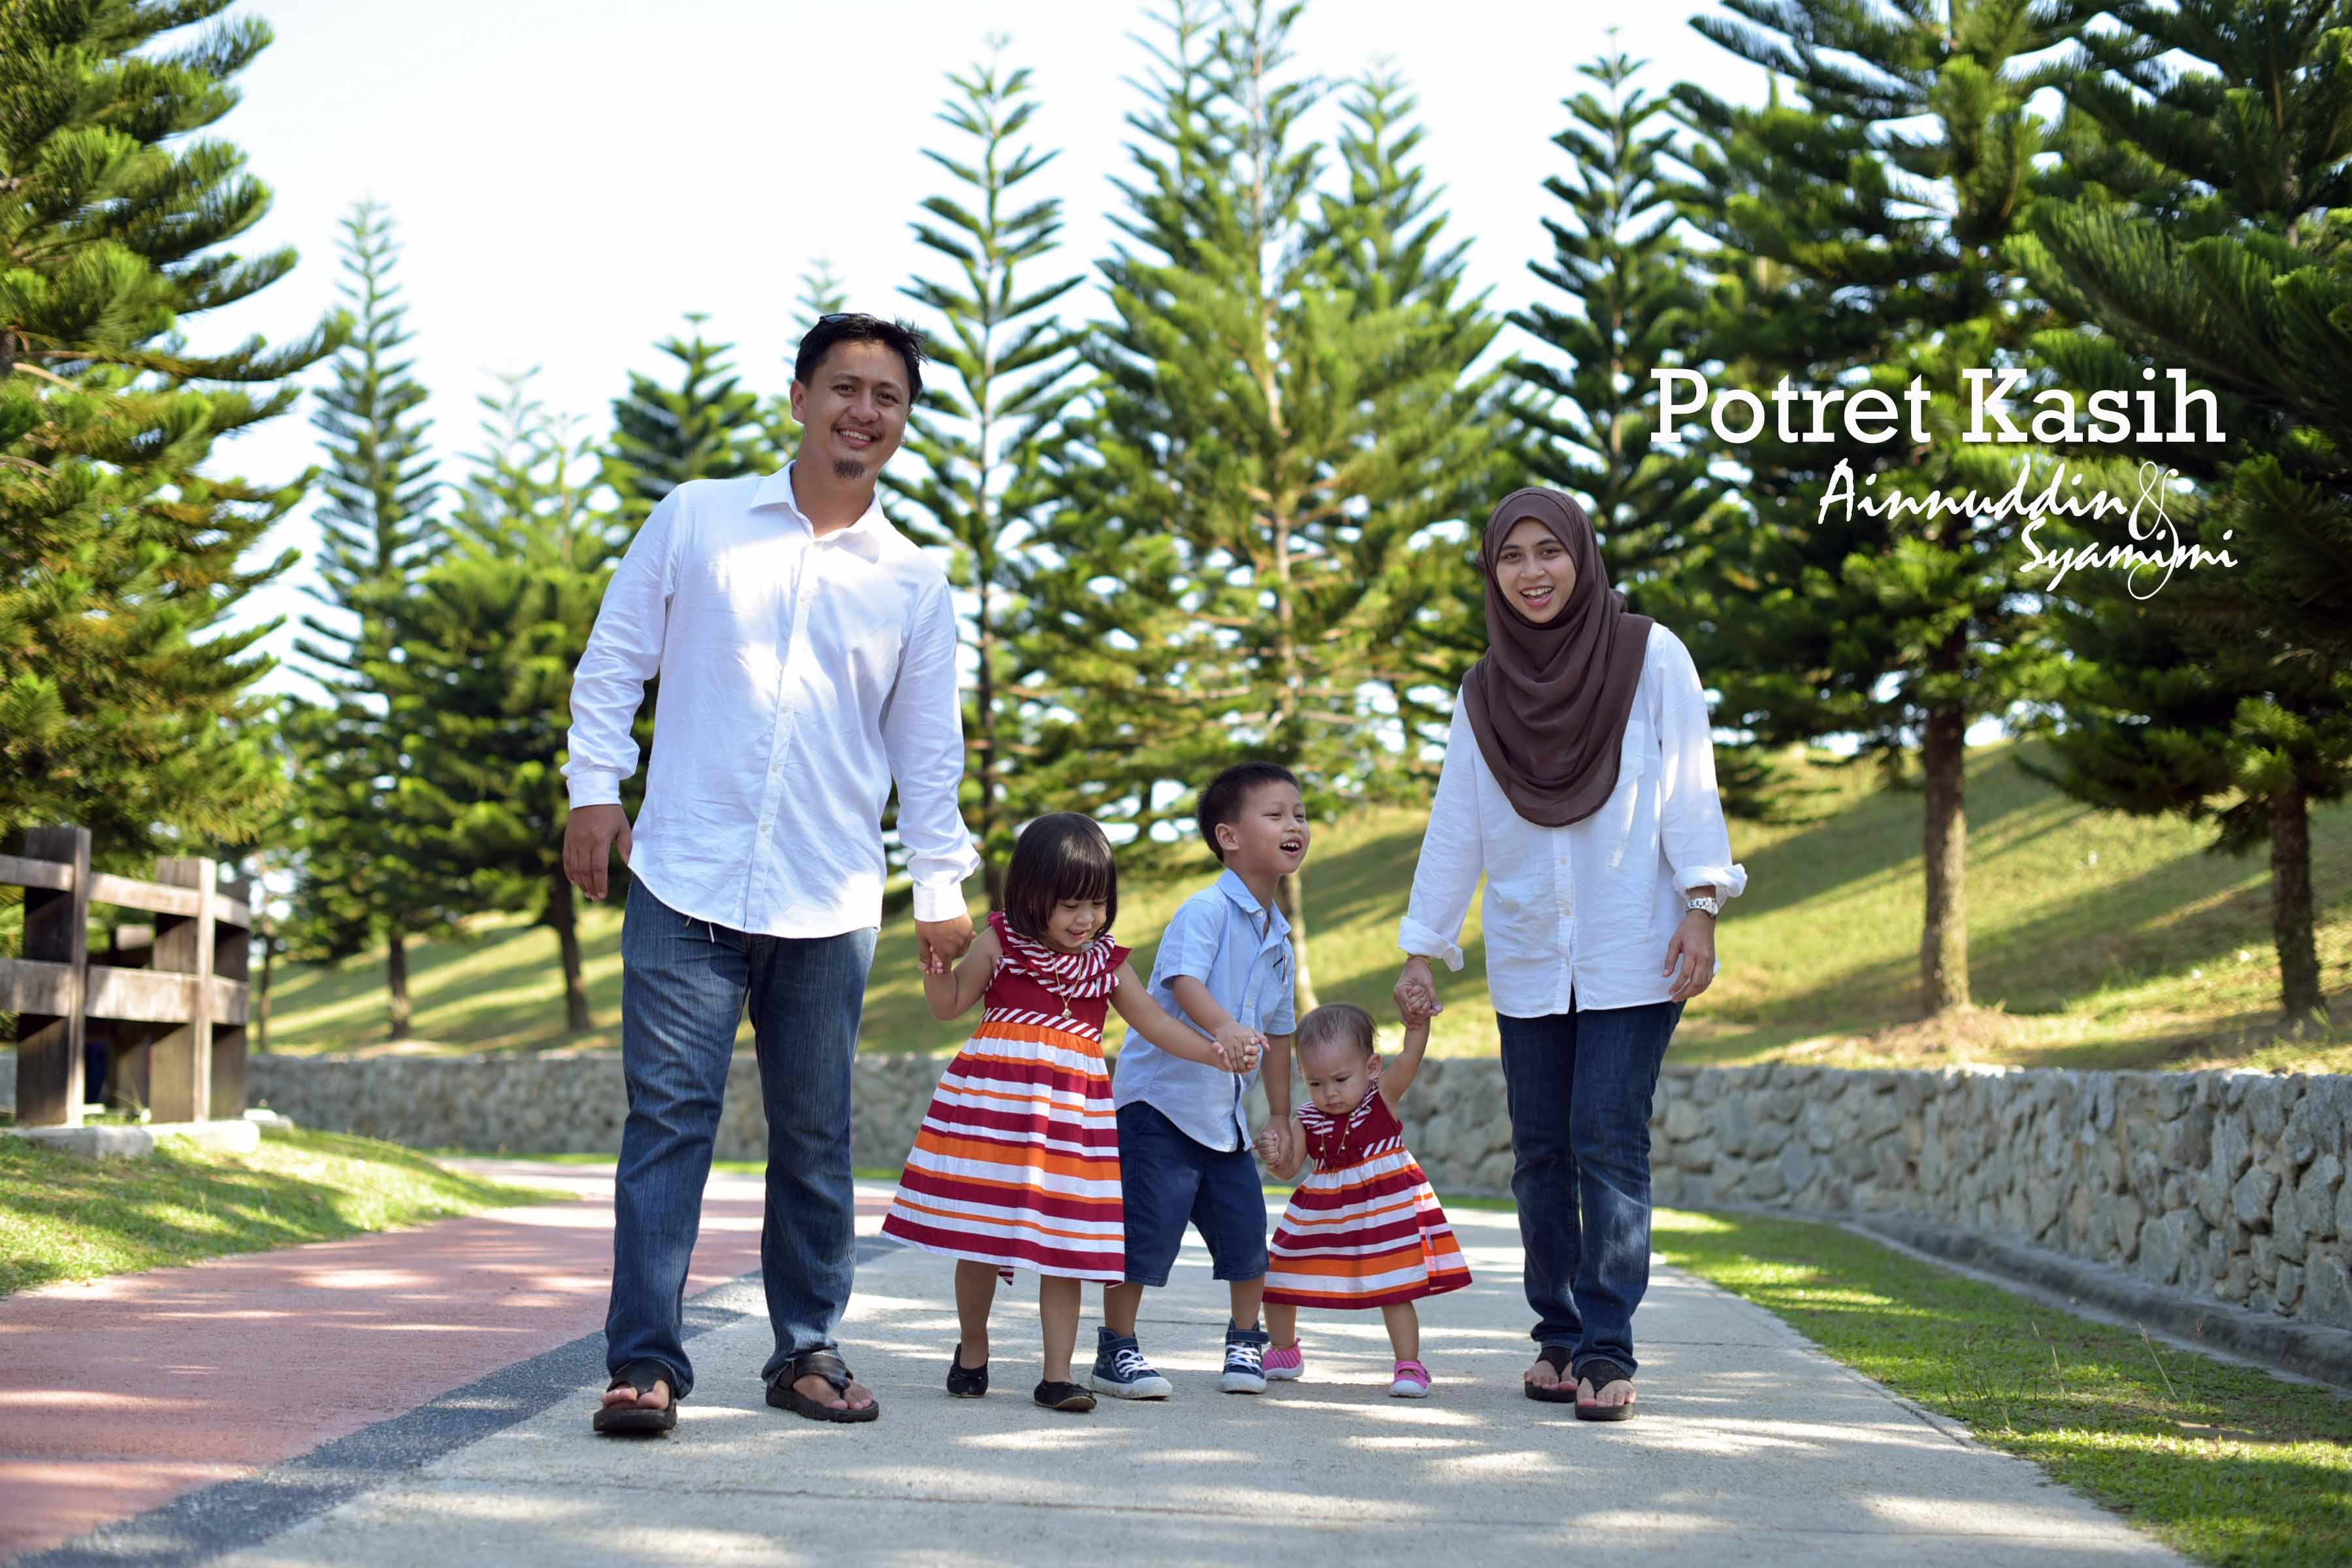 Potret Keluarga..dari saat akad nikah ke anak tiga..